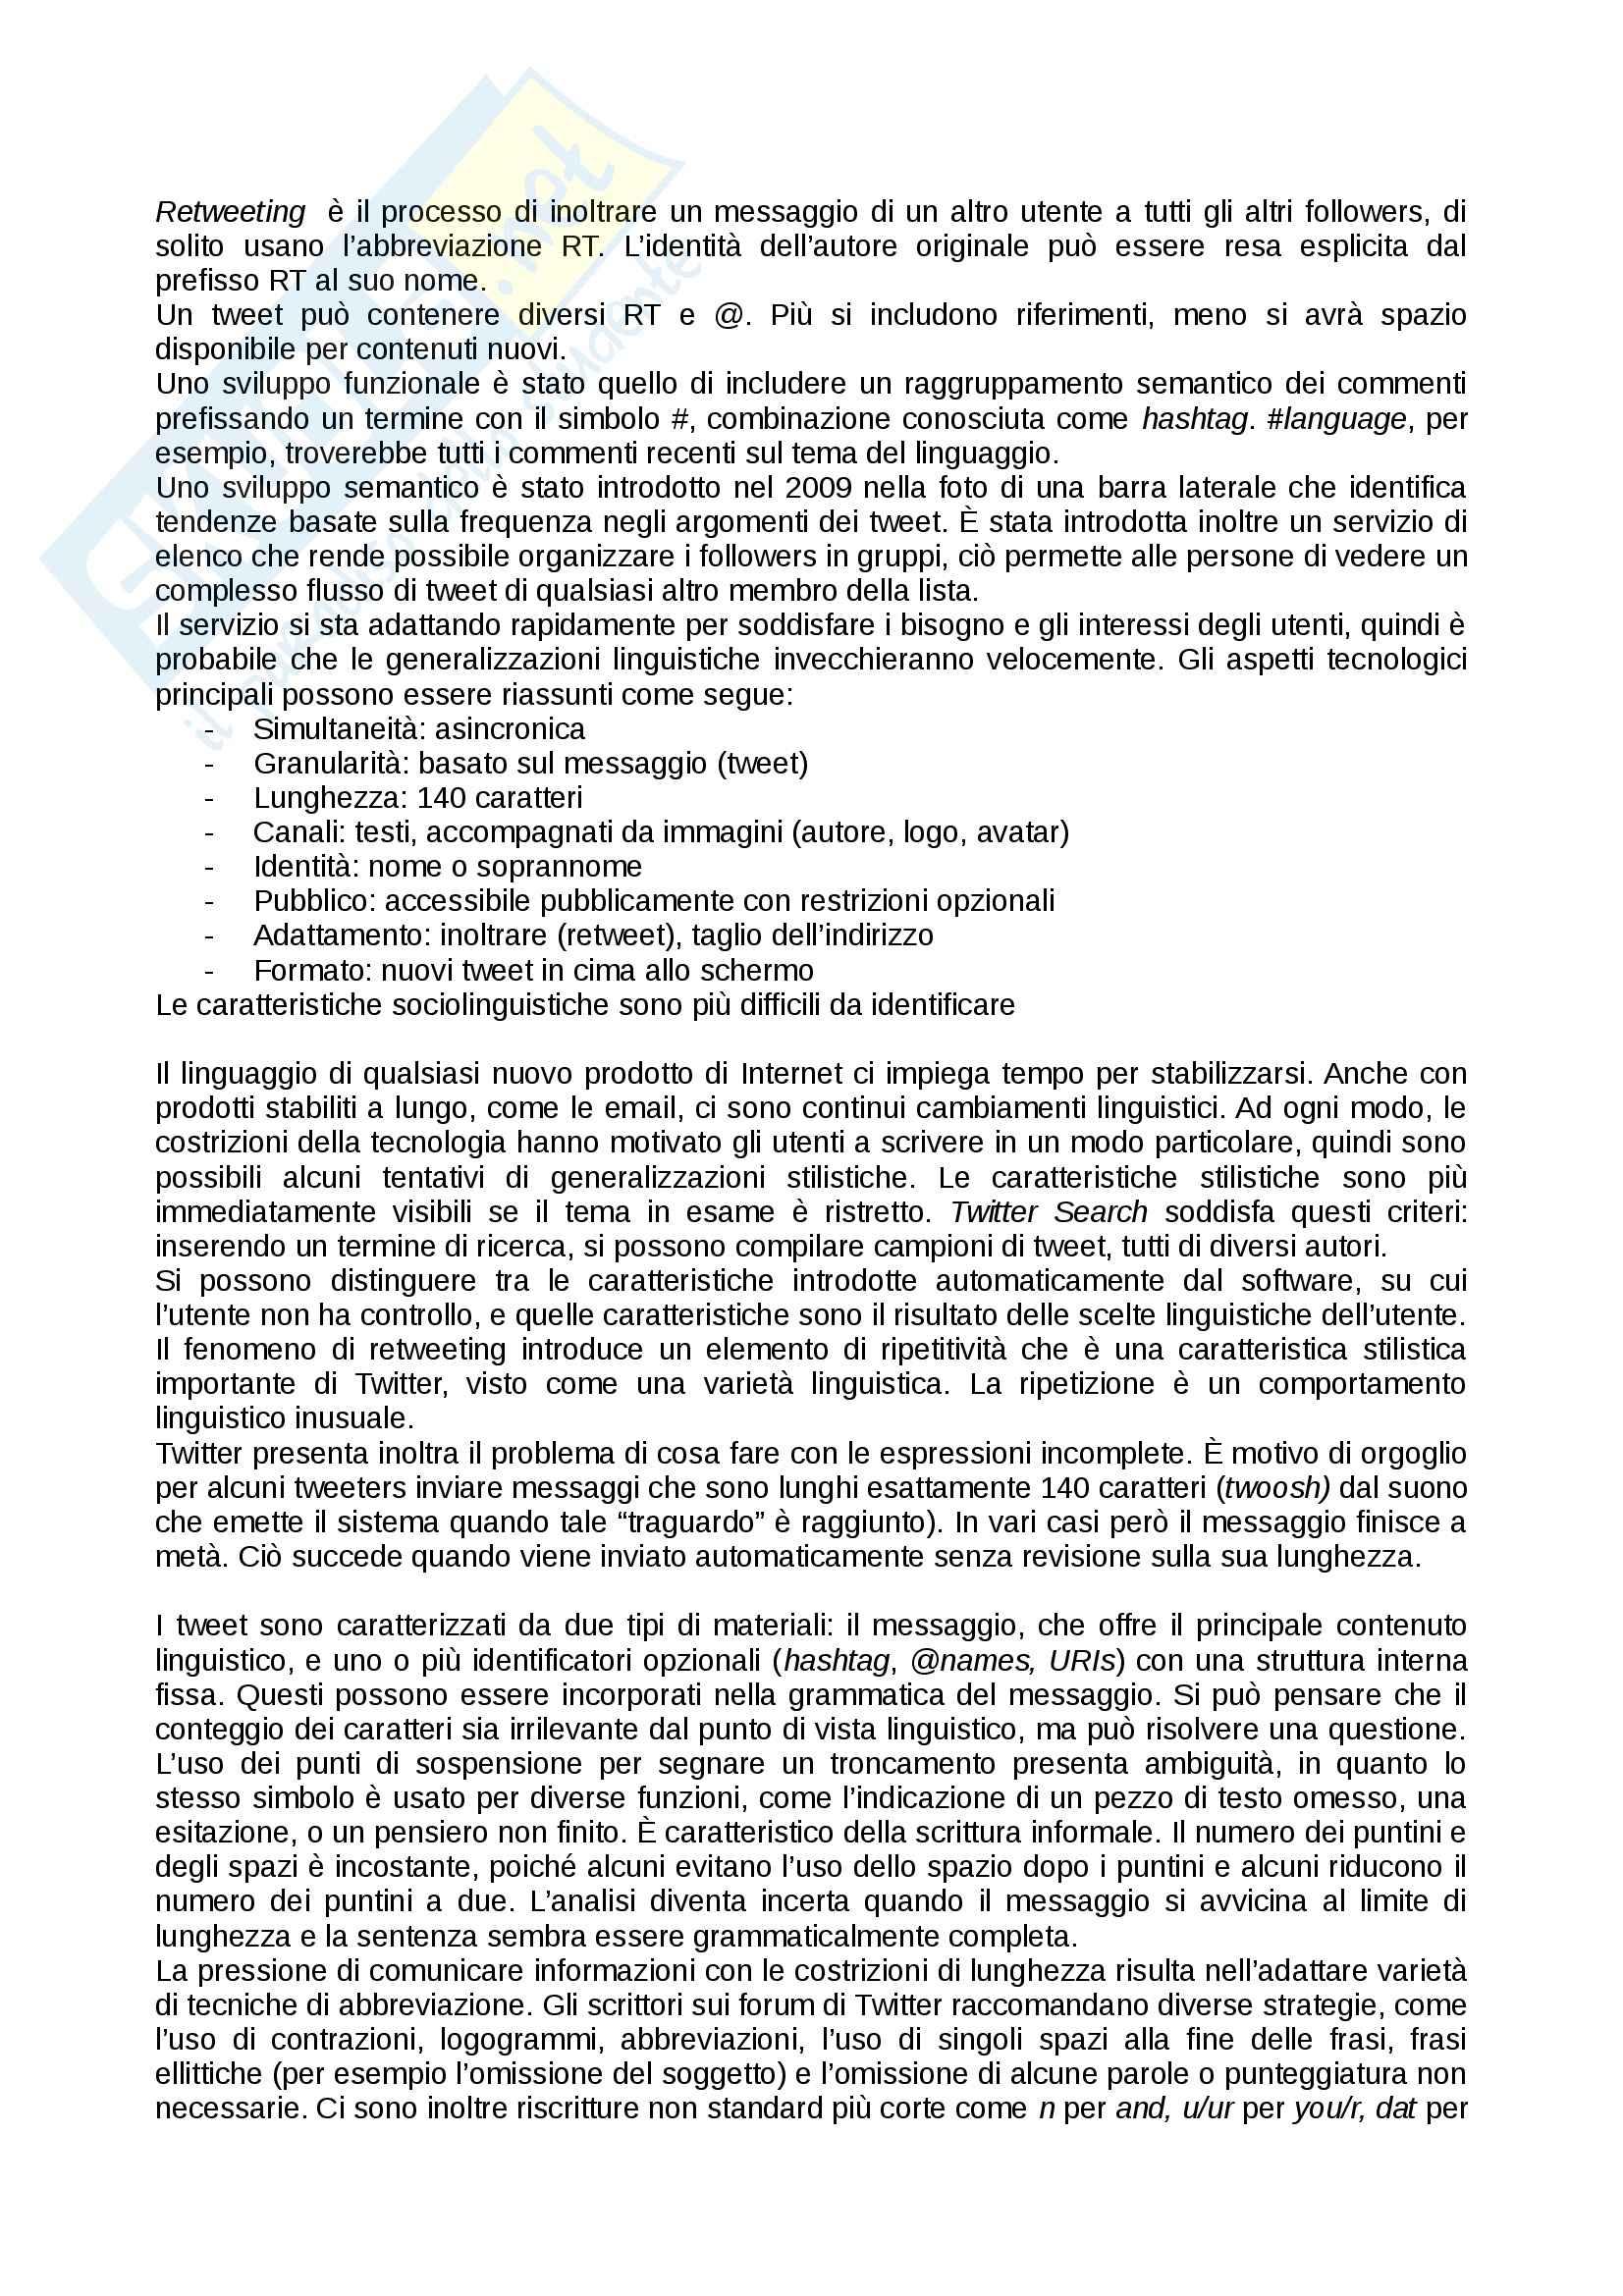 Linguistica di Internet, Lingua inglese Pag. 6